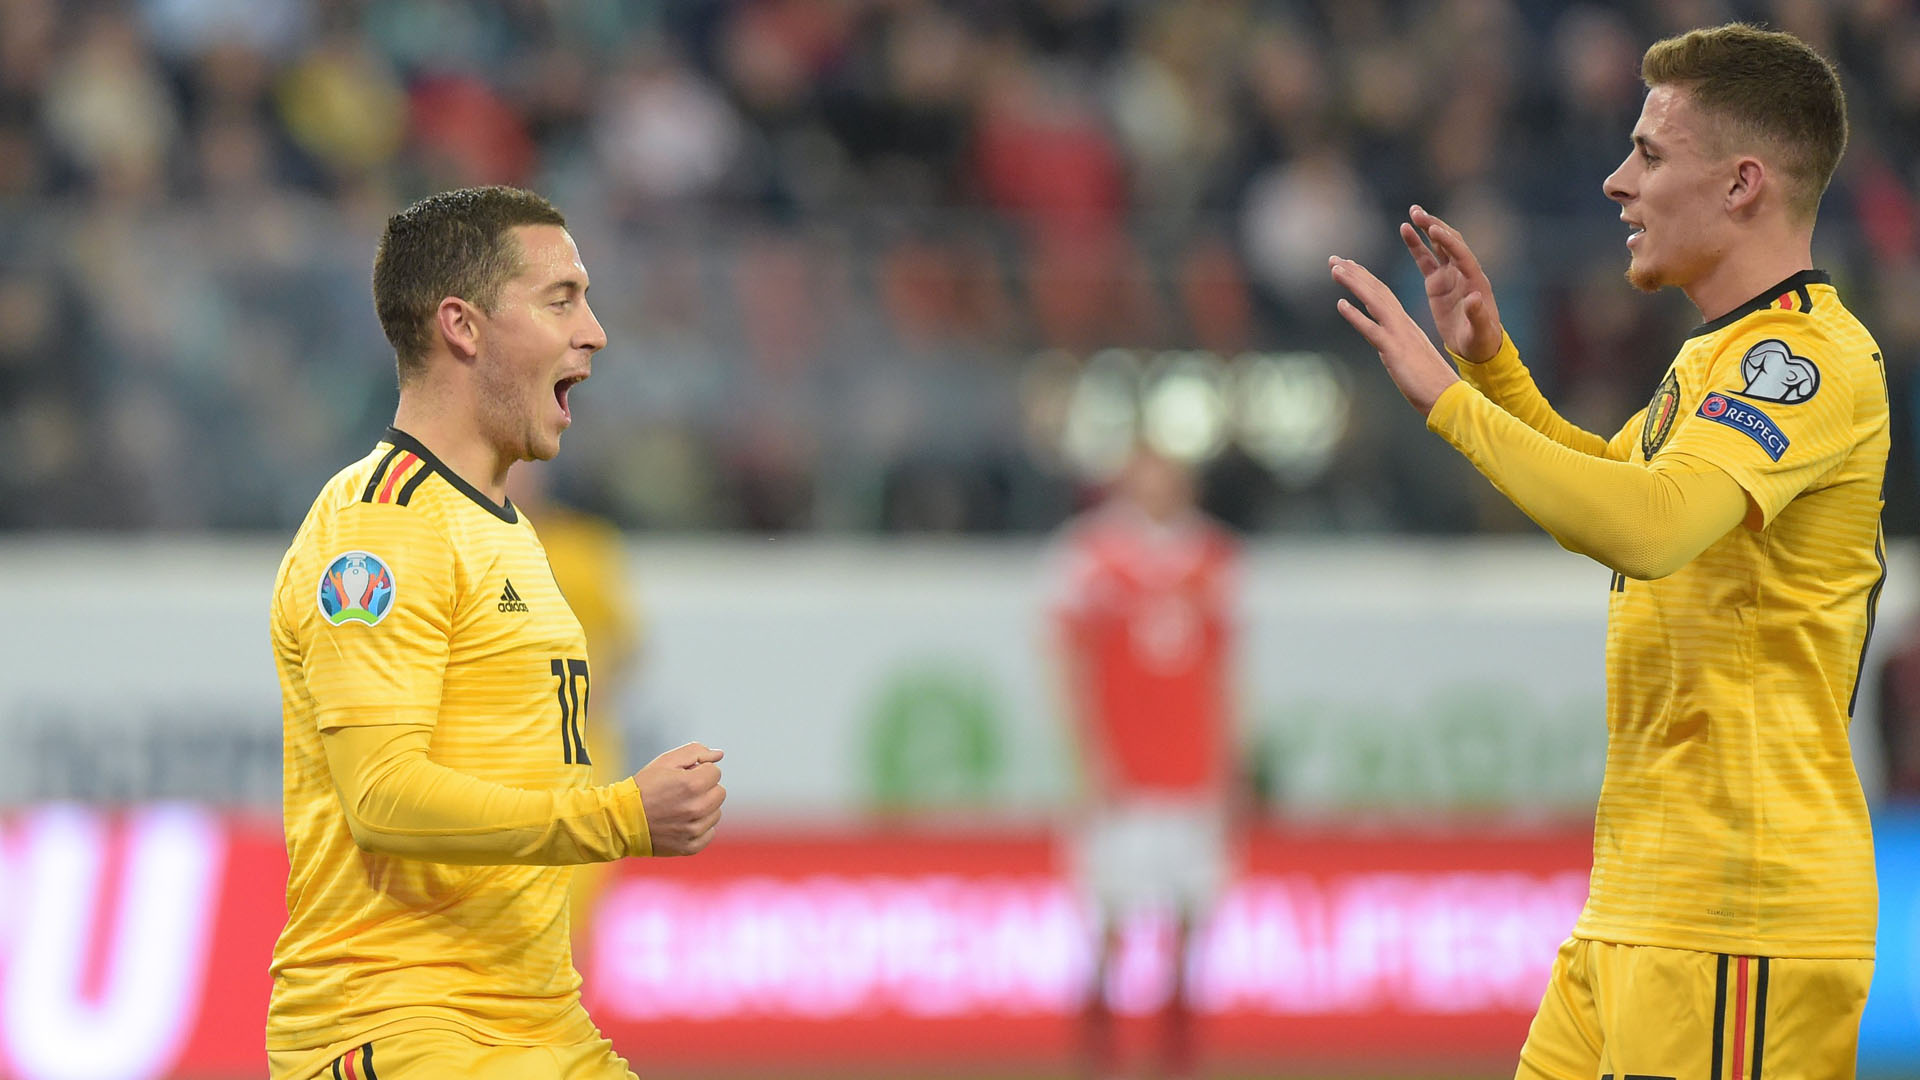 Festejo de Eden Hazard y Thorgan Hazard. Foto de @UEFAEURO